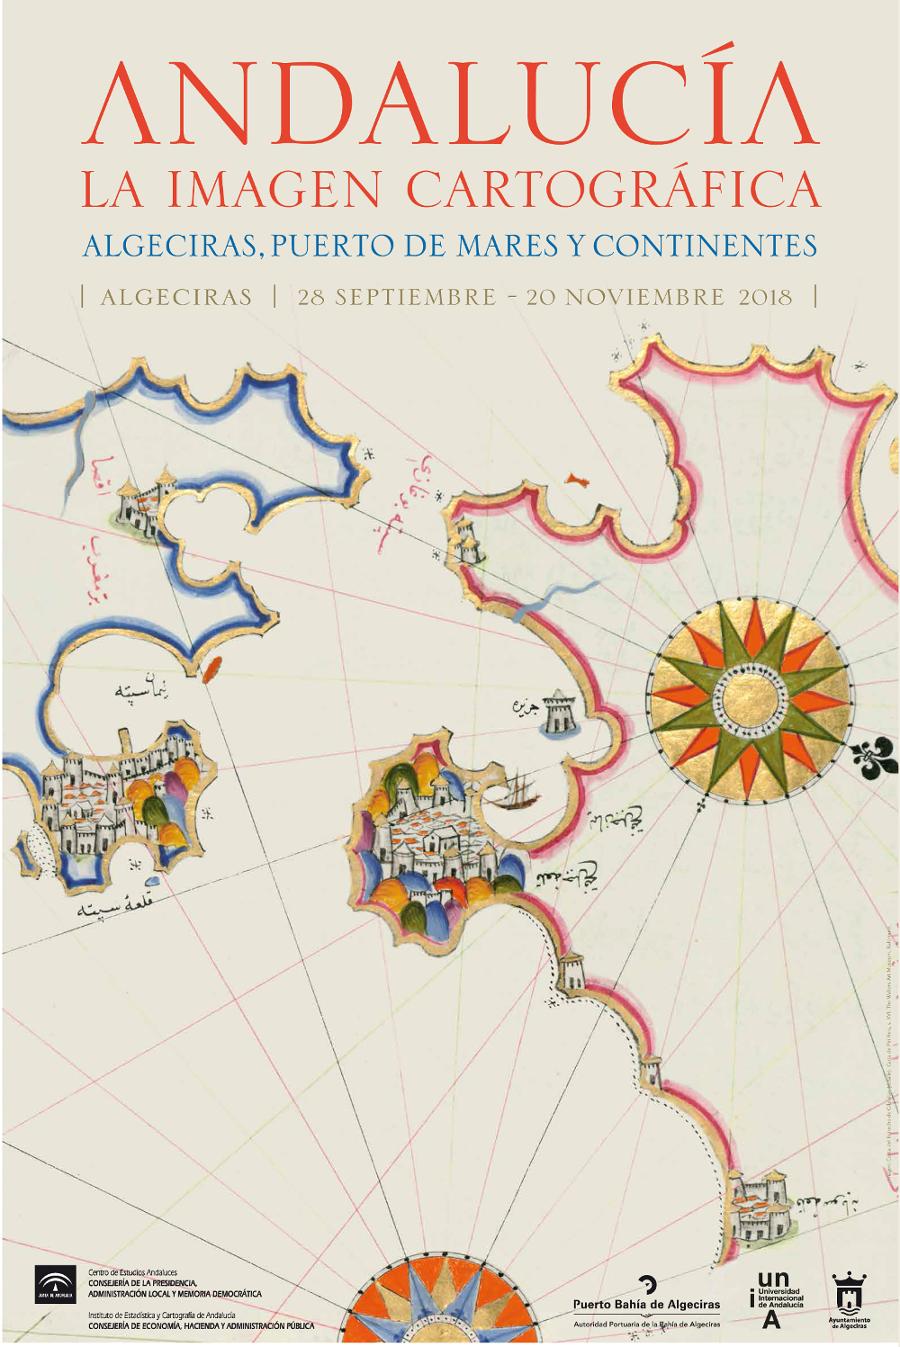 Andalucía, la imagen cartográfica. Algeciras, puerto de mares y continentes